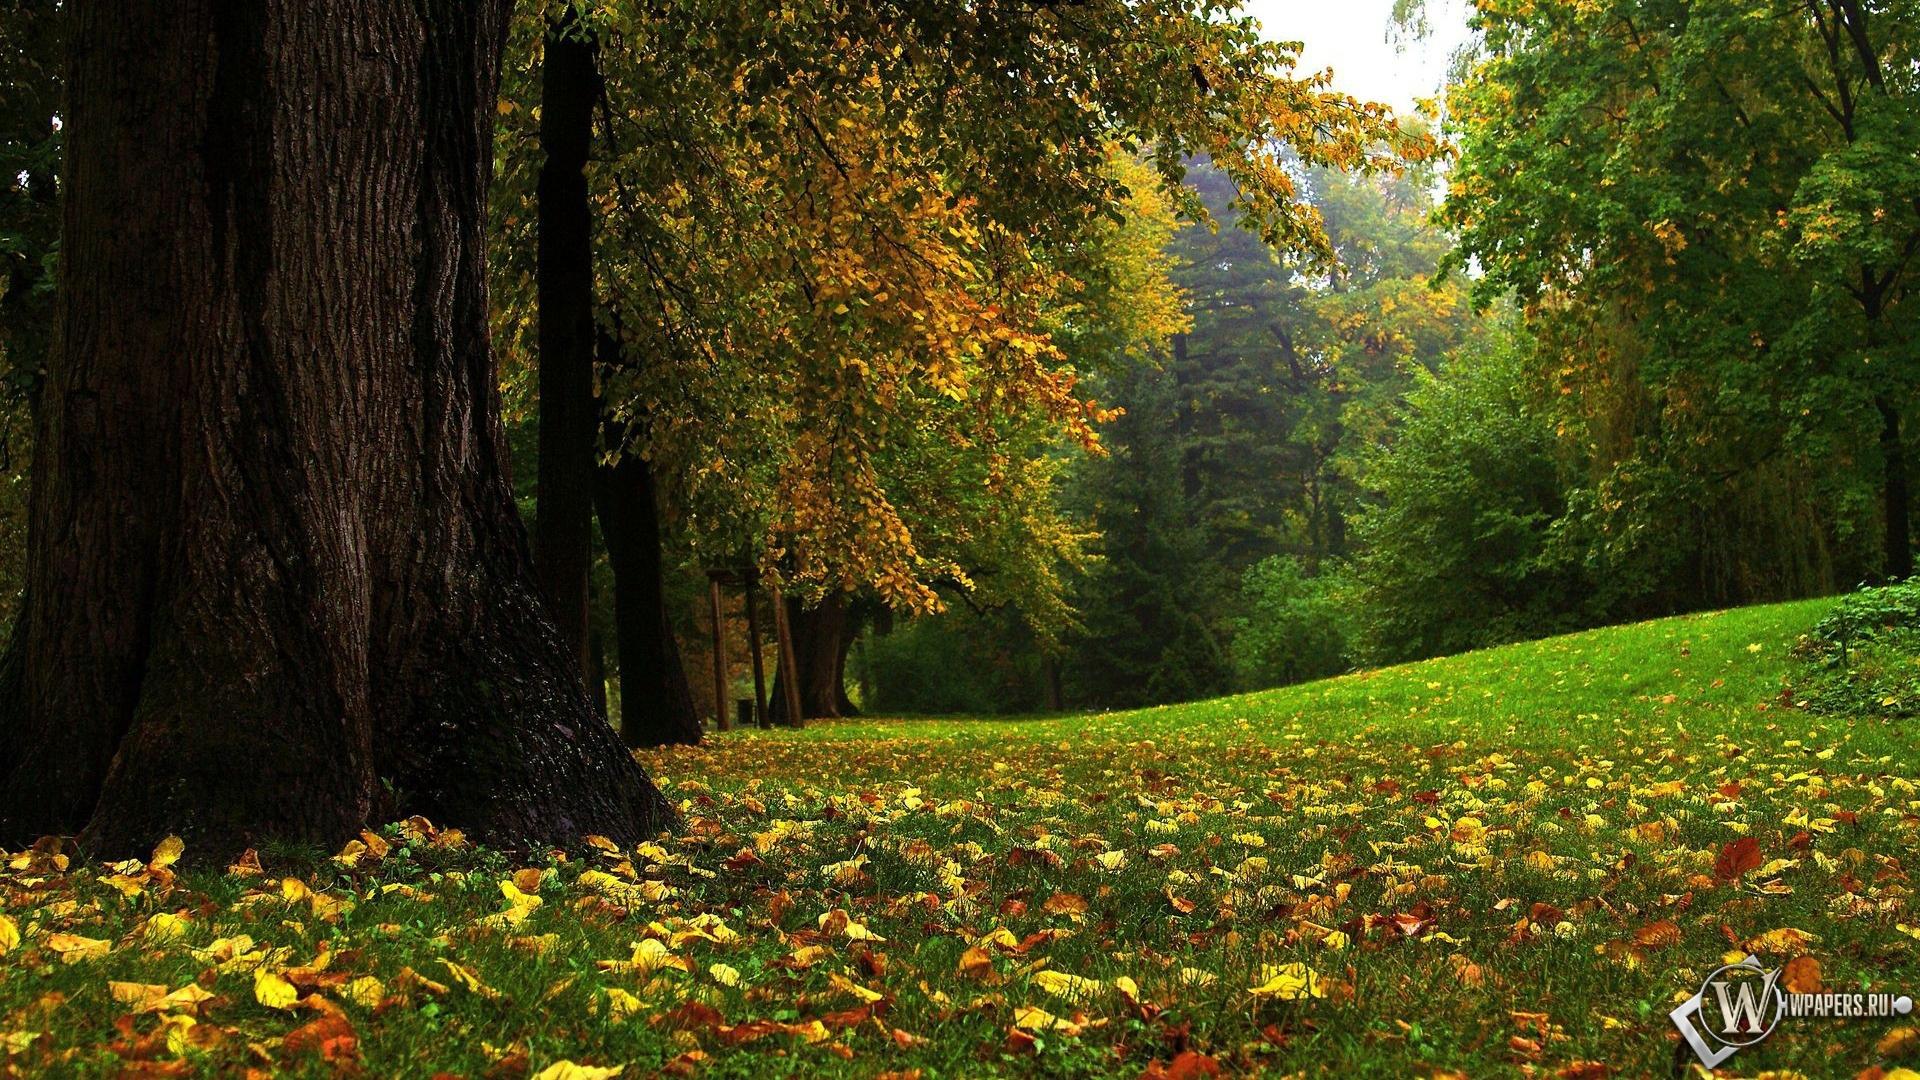 Сказочный лес 1920x1080